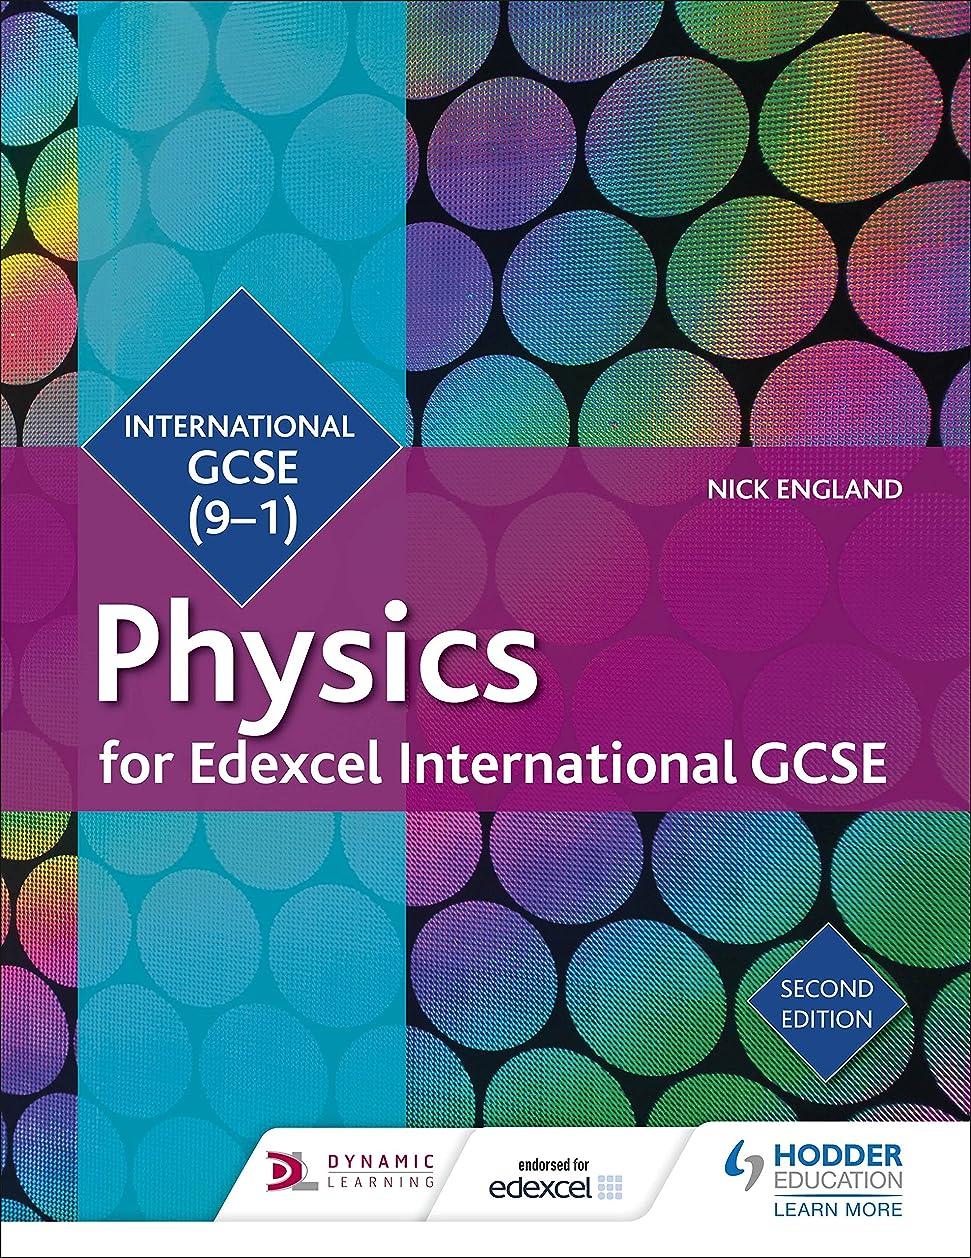 仲間スポーツマンうんざりEdexcel International GCSE Physics Student Book Second Edition (Edexcel Student Books) (English Edition)